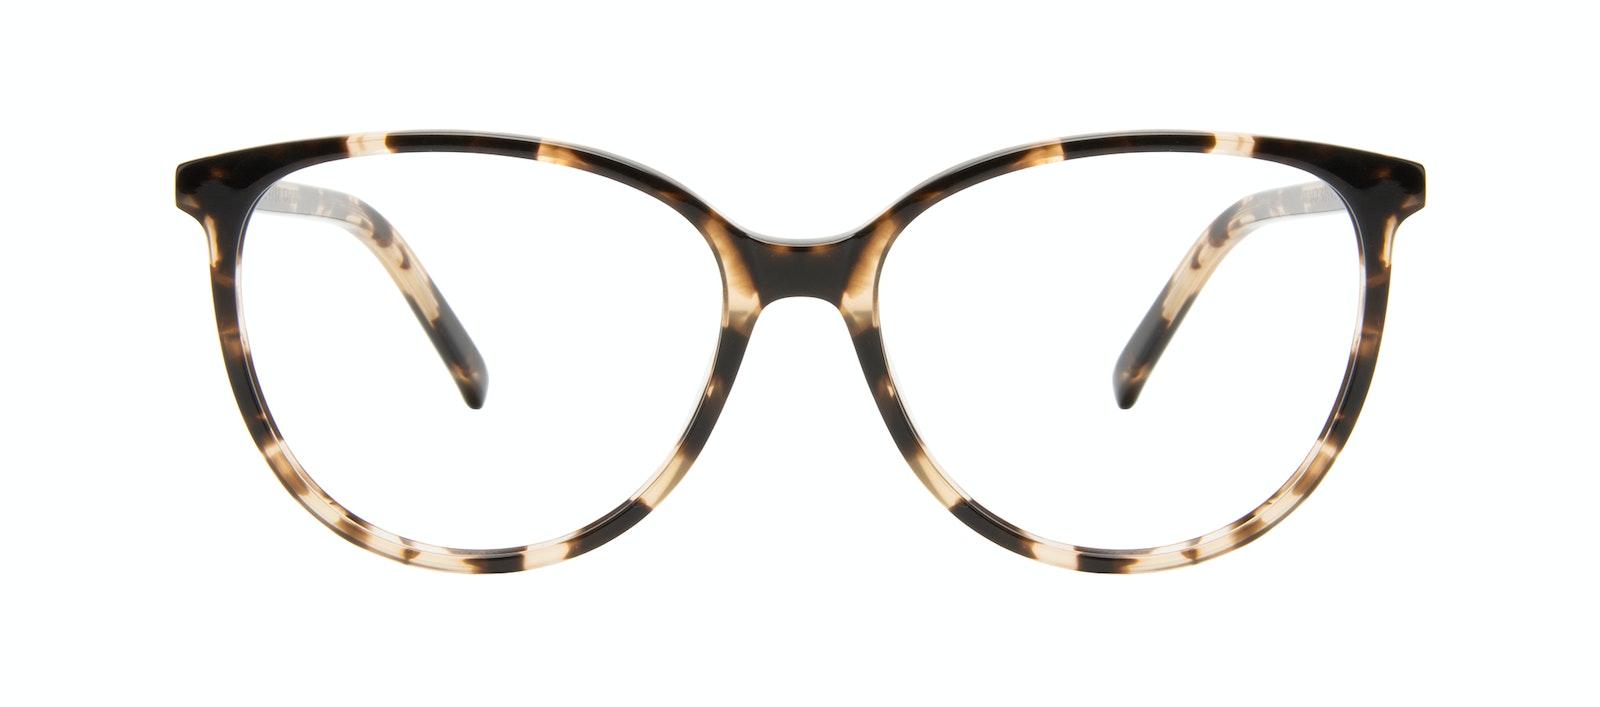 Lunettes tendance Oeil de chat Lunettes de vue Femmes Imagine Leopard Face